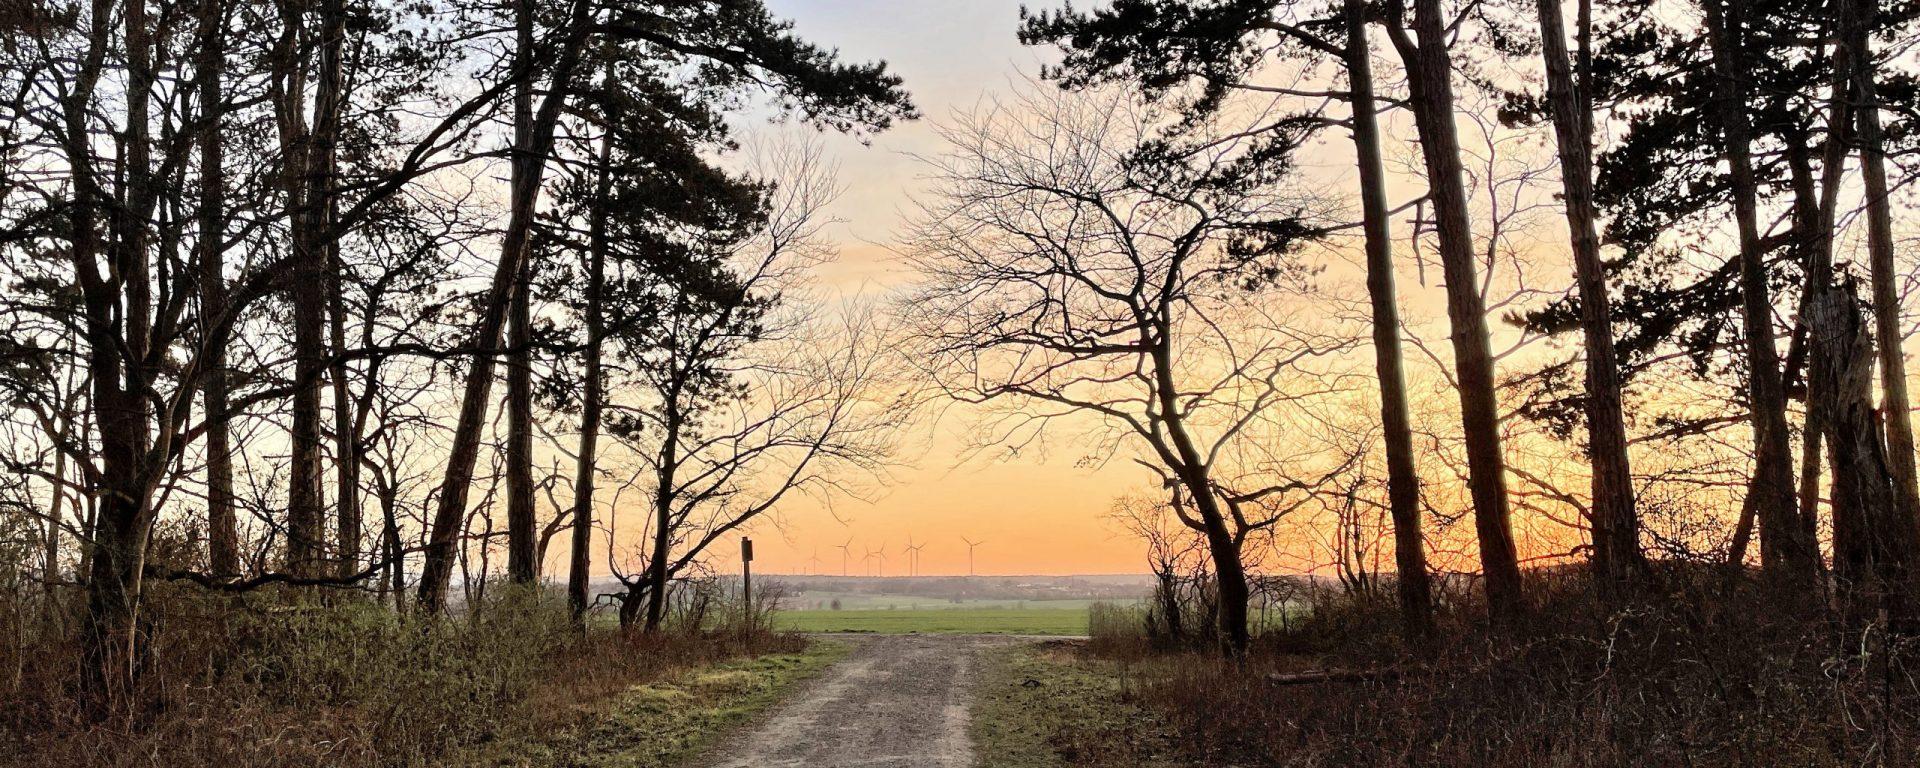 Blick aus dem Wald über ein Feld im Abendlicht